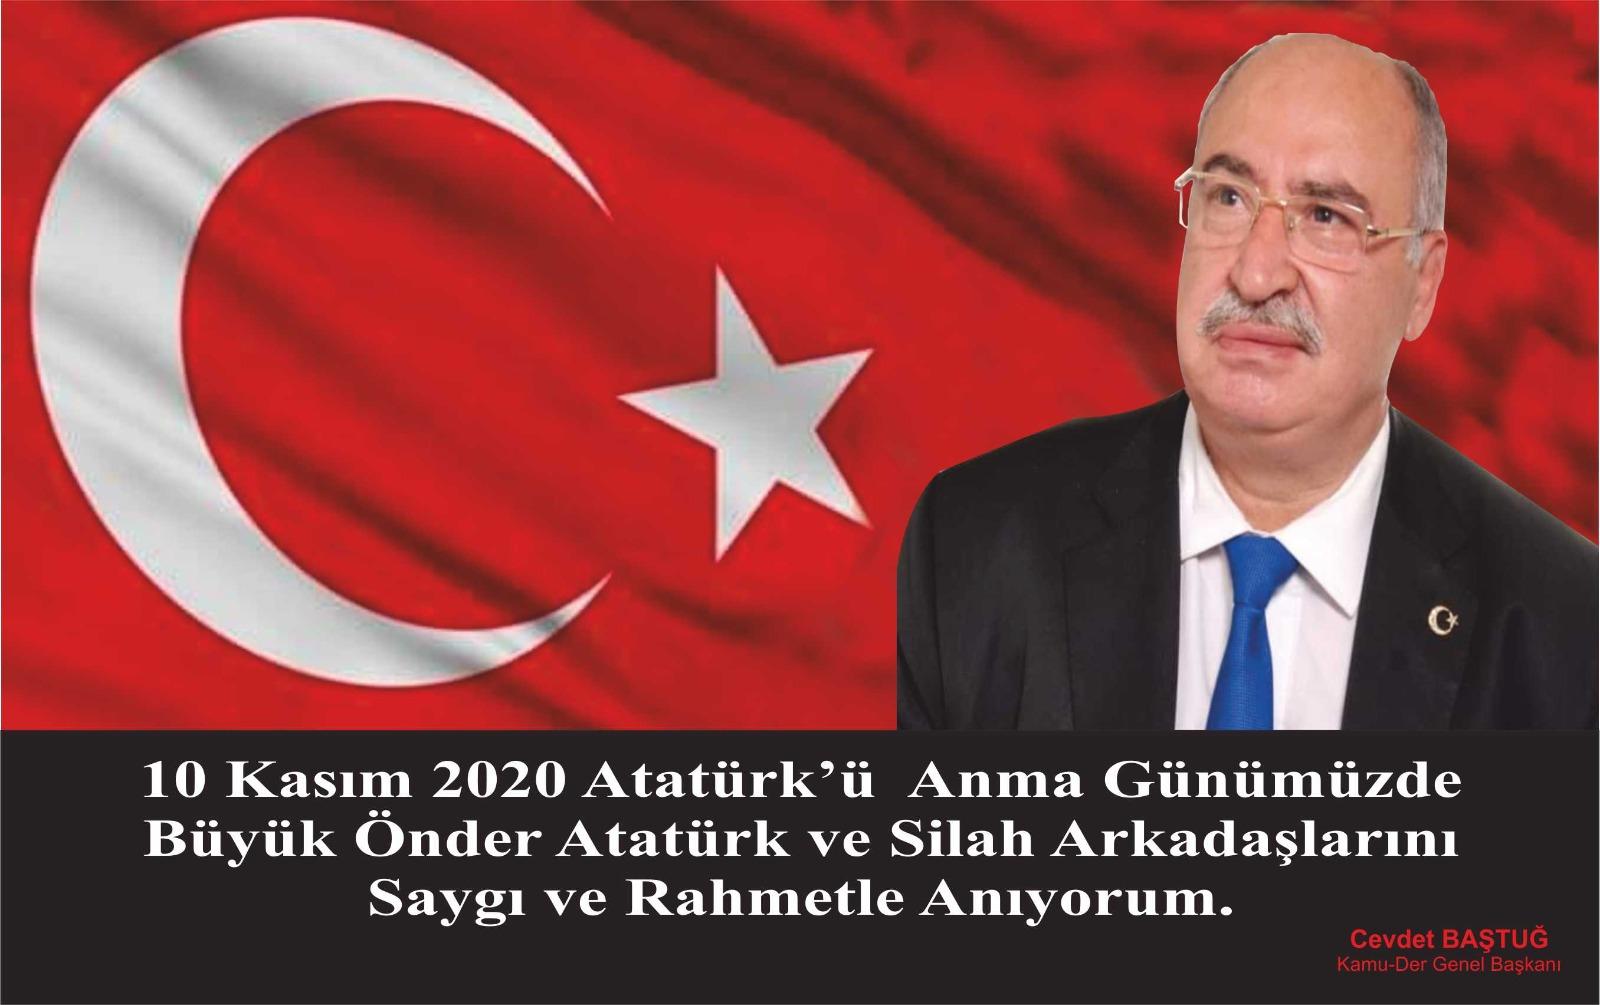 Kamu Der , 10 Kasım Atatürk'ü Anma Günü (Cevdet BAŞTUĞ)